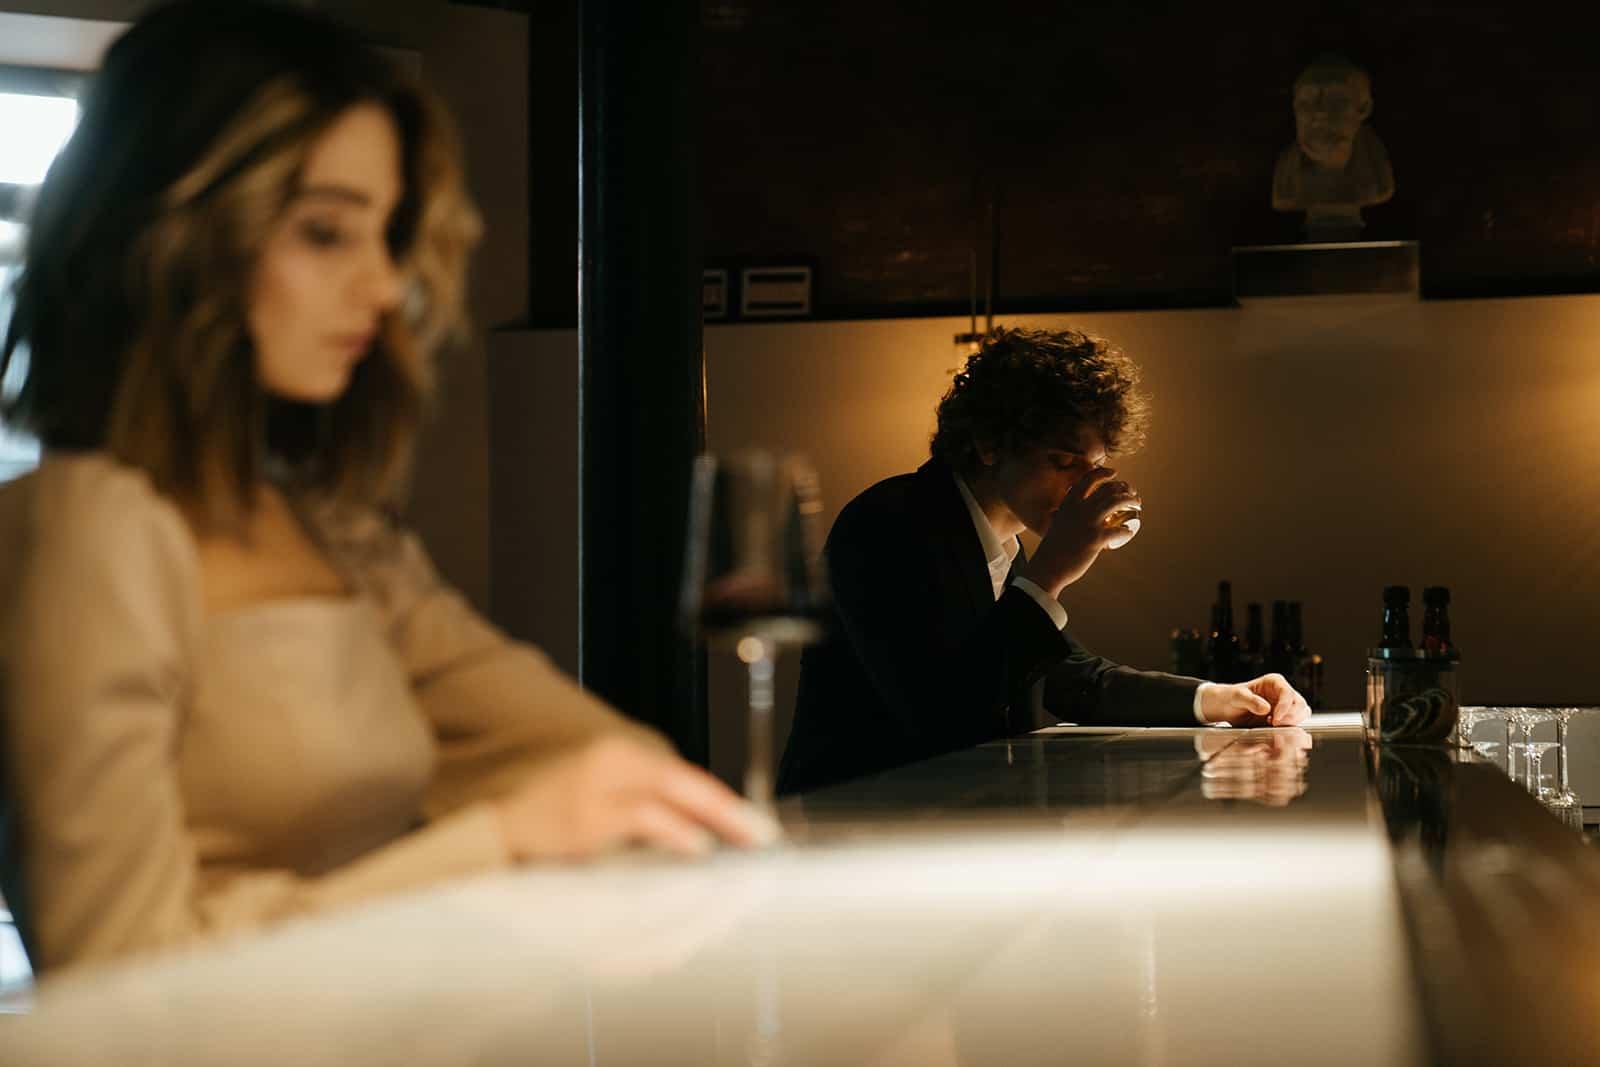 Ein Mann sitzt alleine an der Theke und trinkt aus dem Glas in der Nähe einer Frau